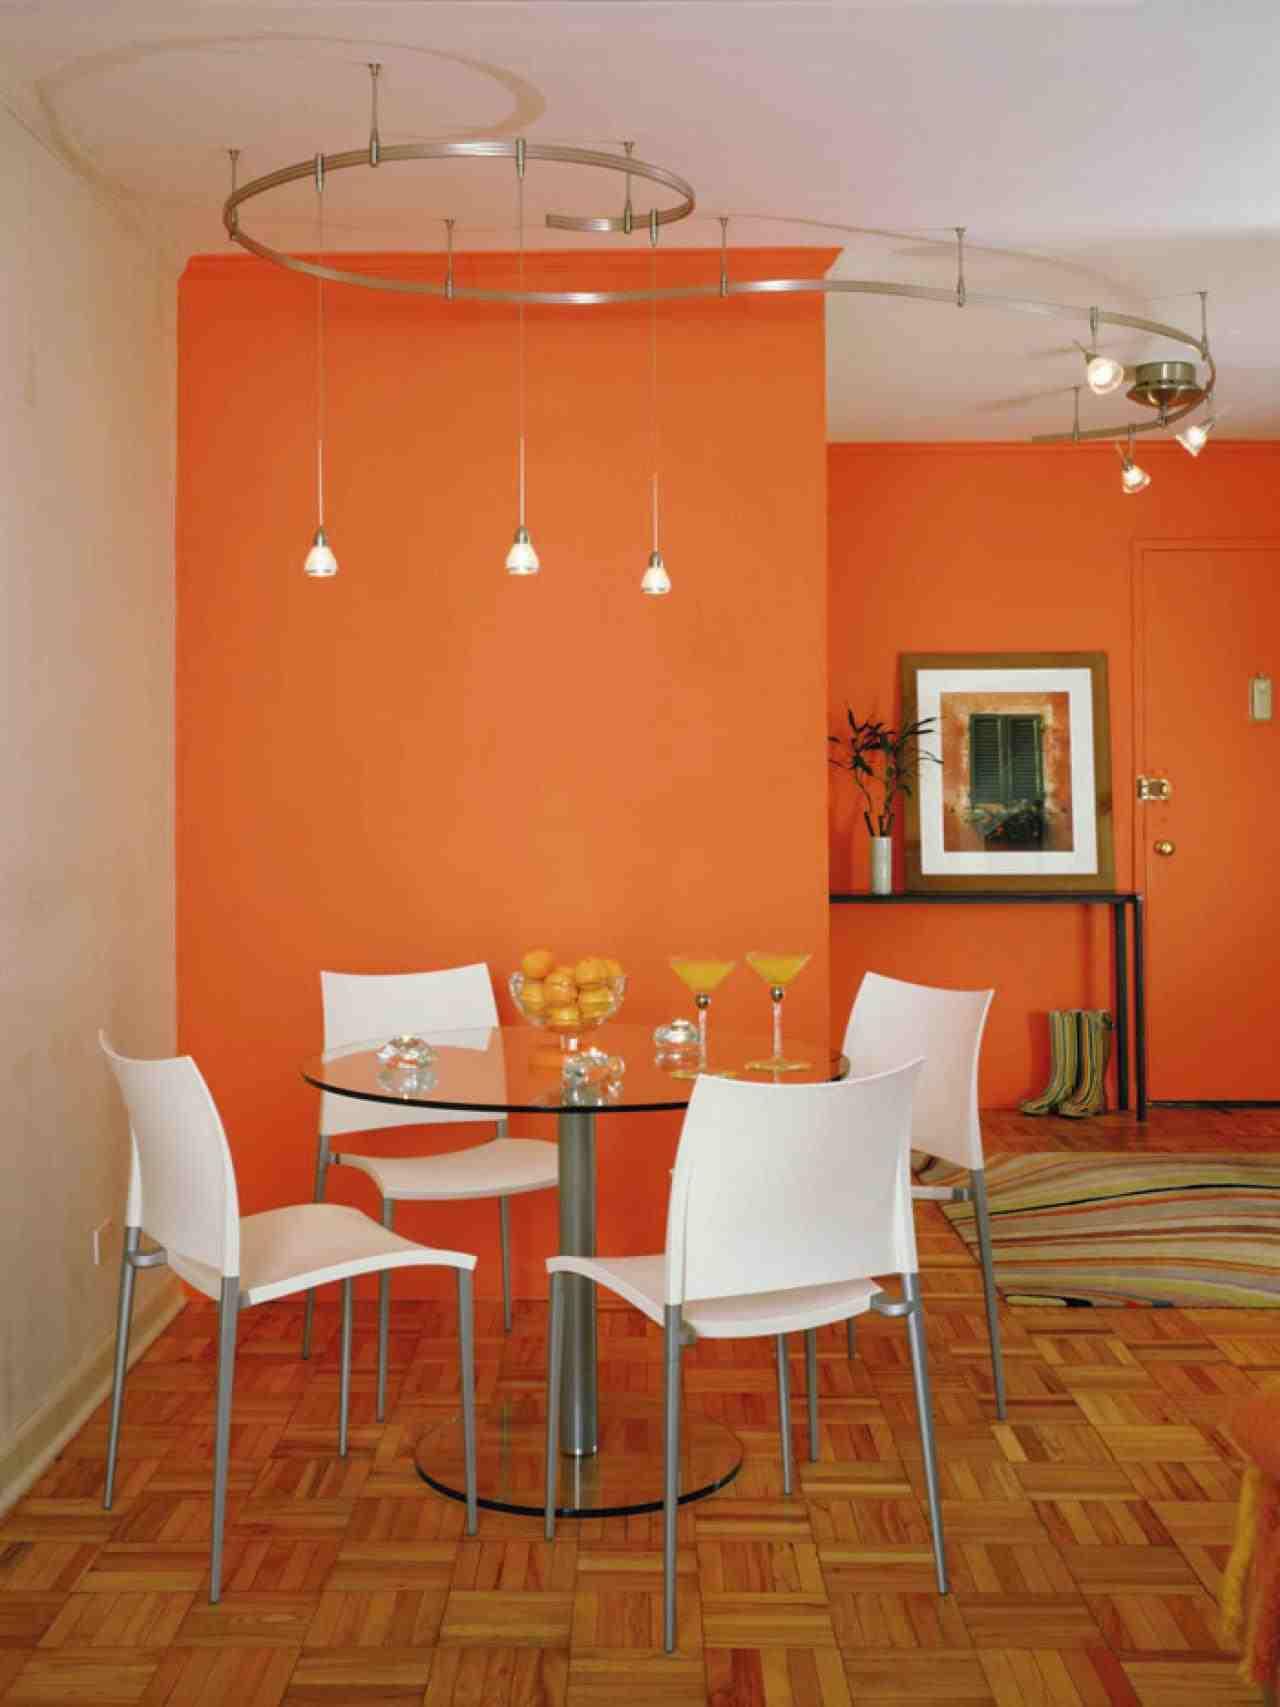 بالصور ديكورات باللون البرتقالي , اثاث بلون الشمس